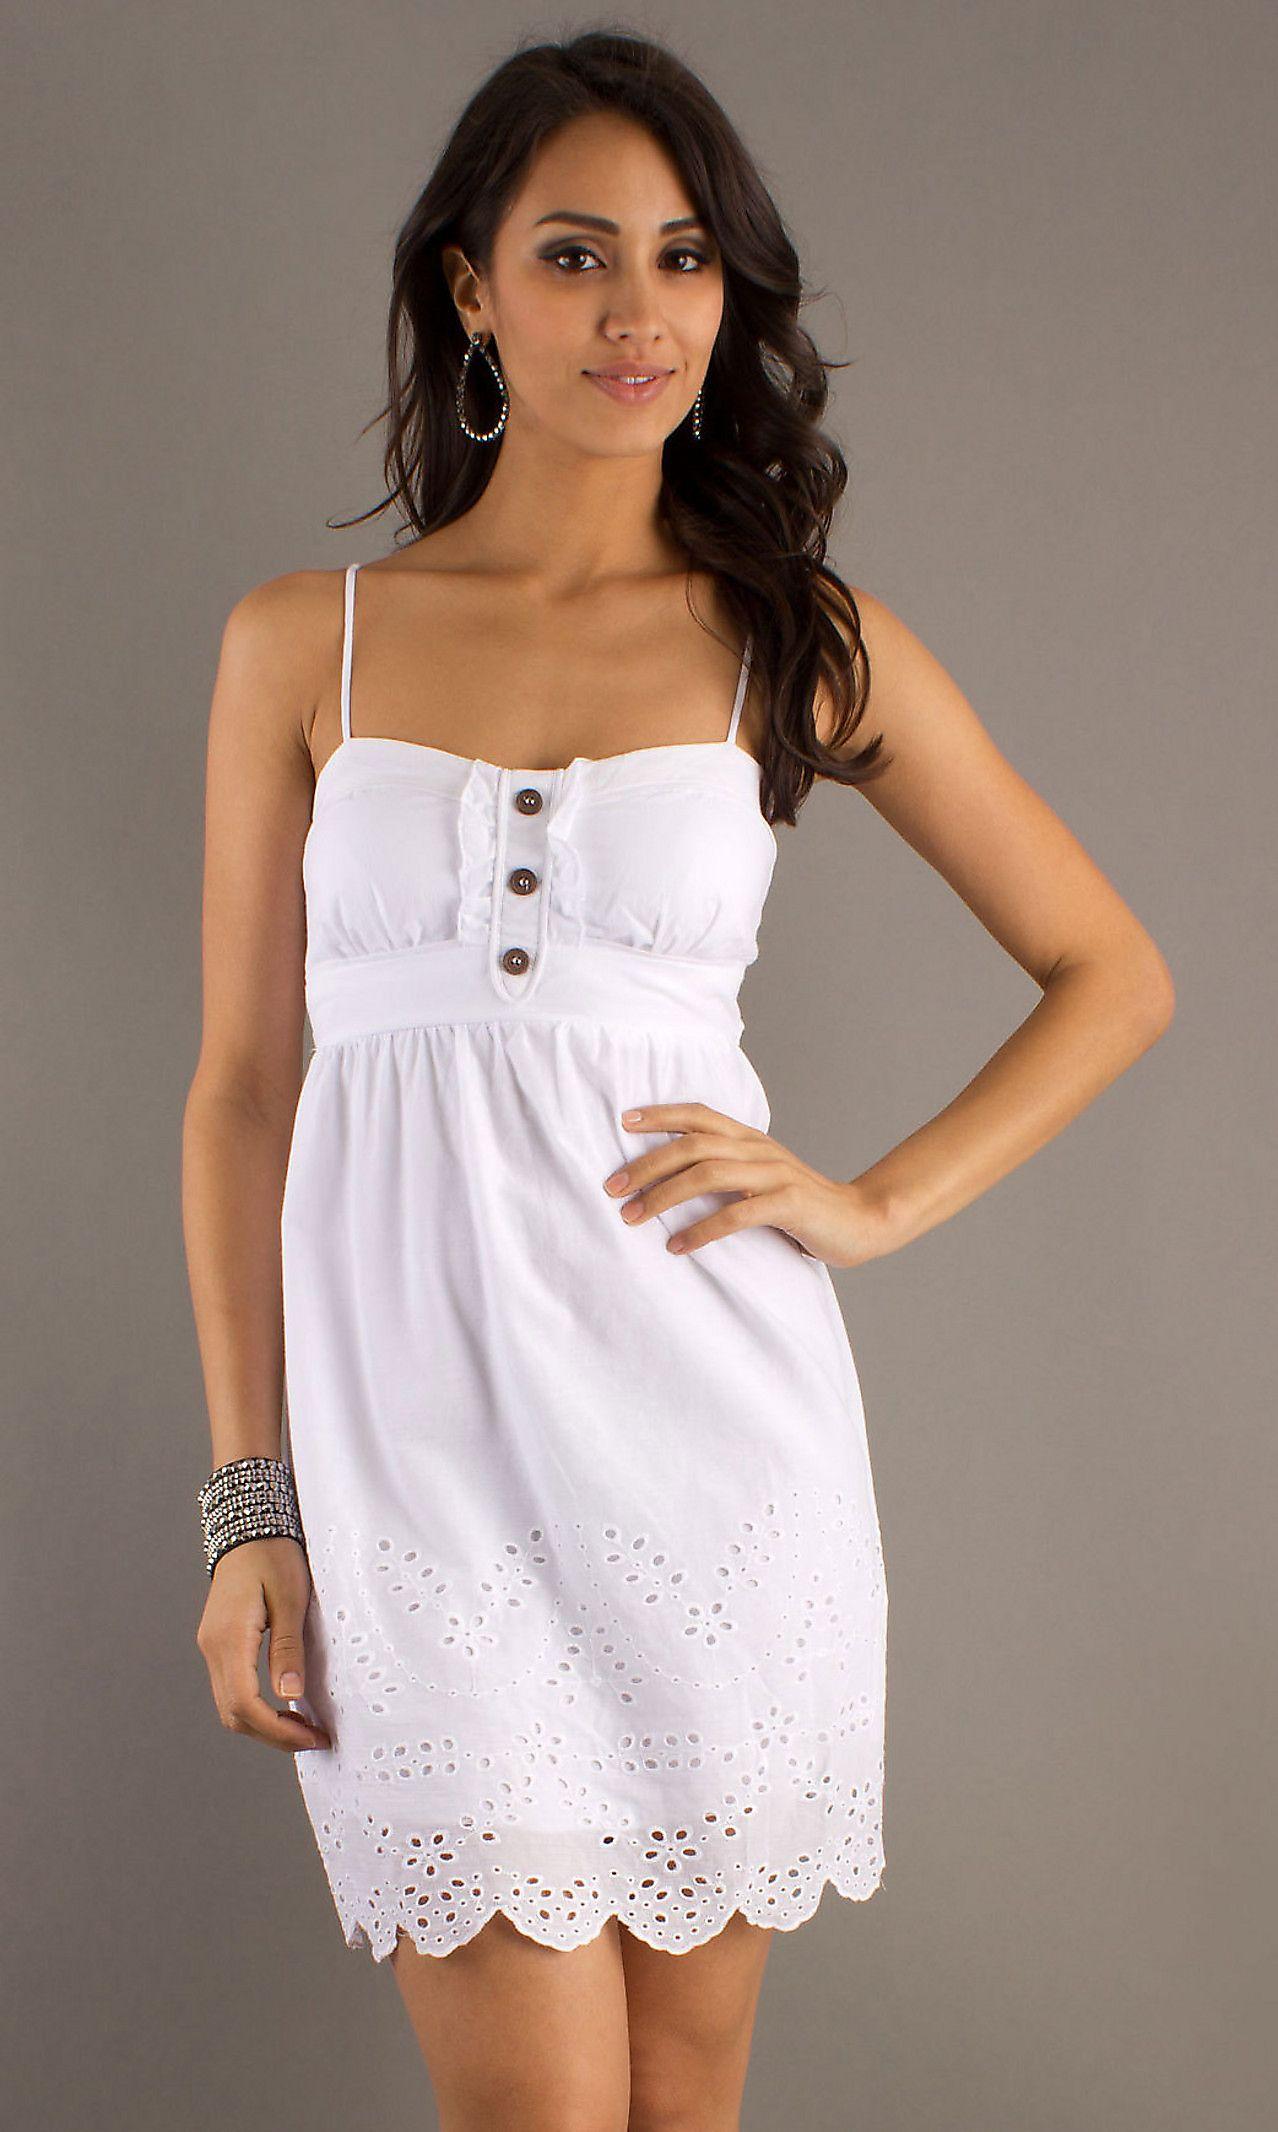 summer-dress-white | White Summer Dress | Pinterest | Clothing ...